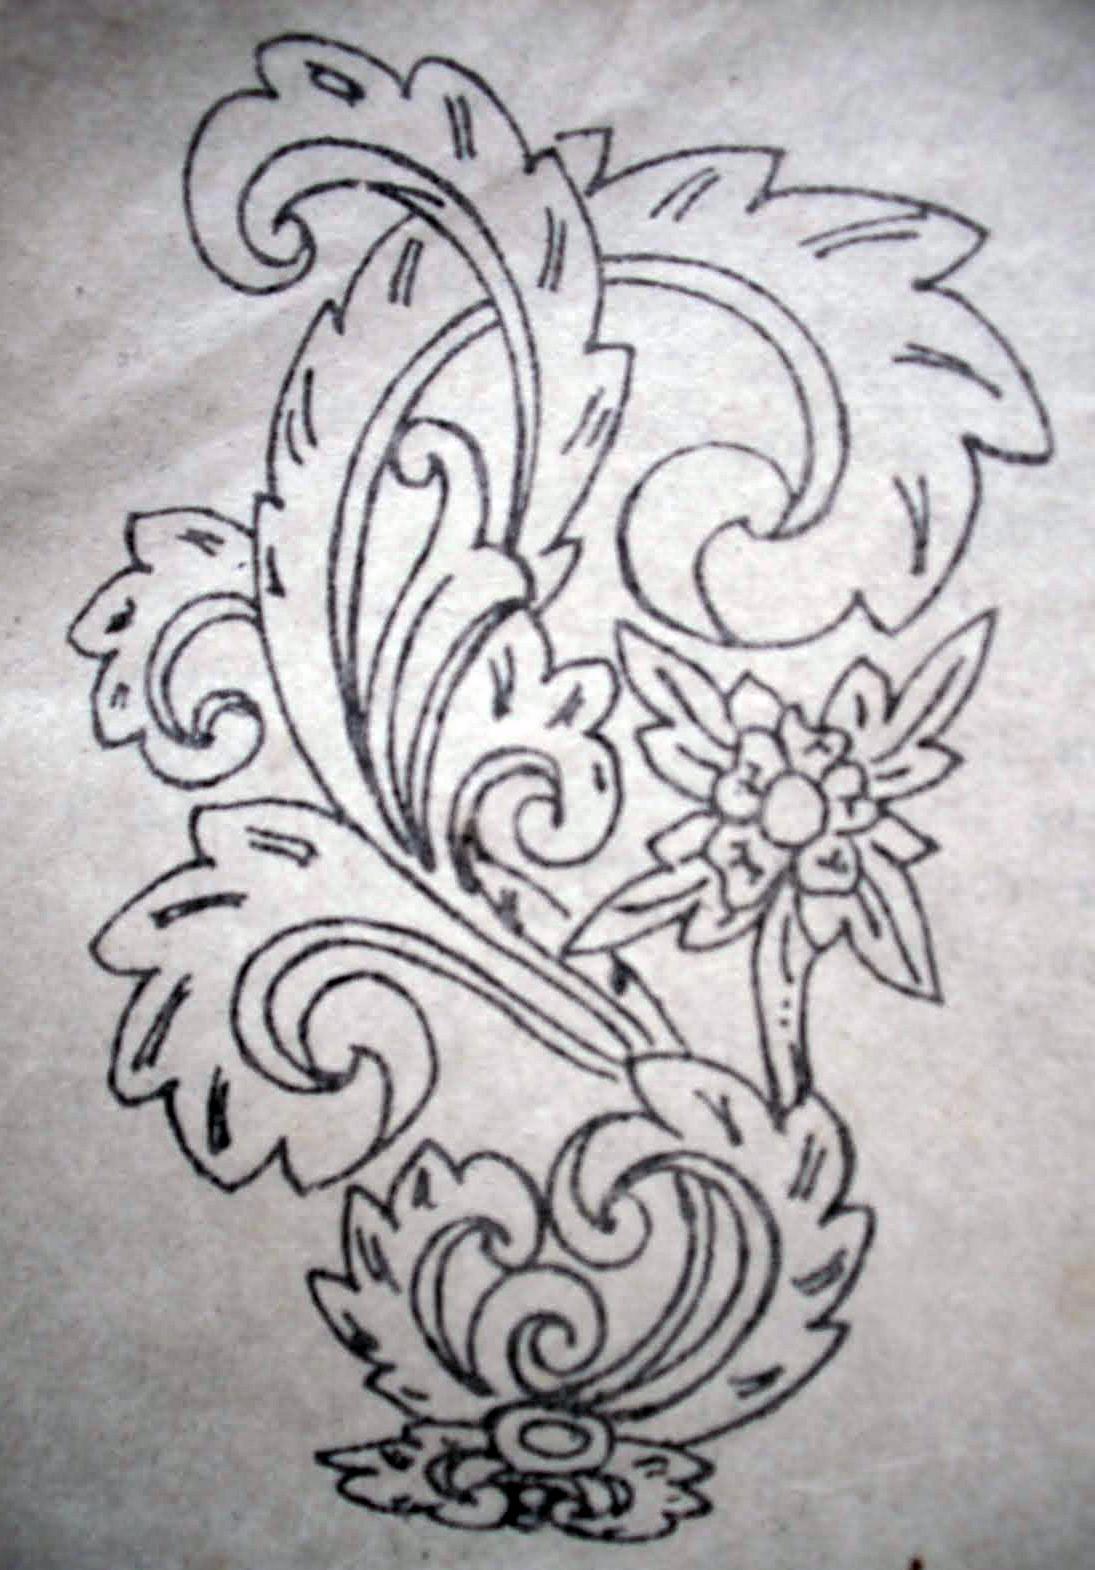 motif madura motif pejajaran motif pekalongan motif surakarta motif ...